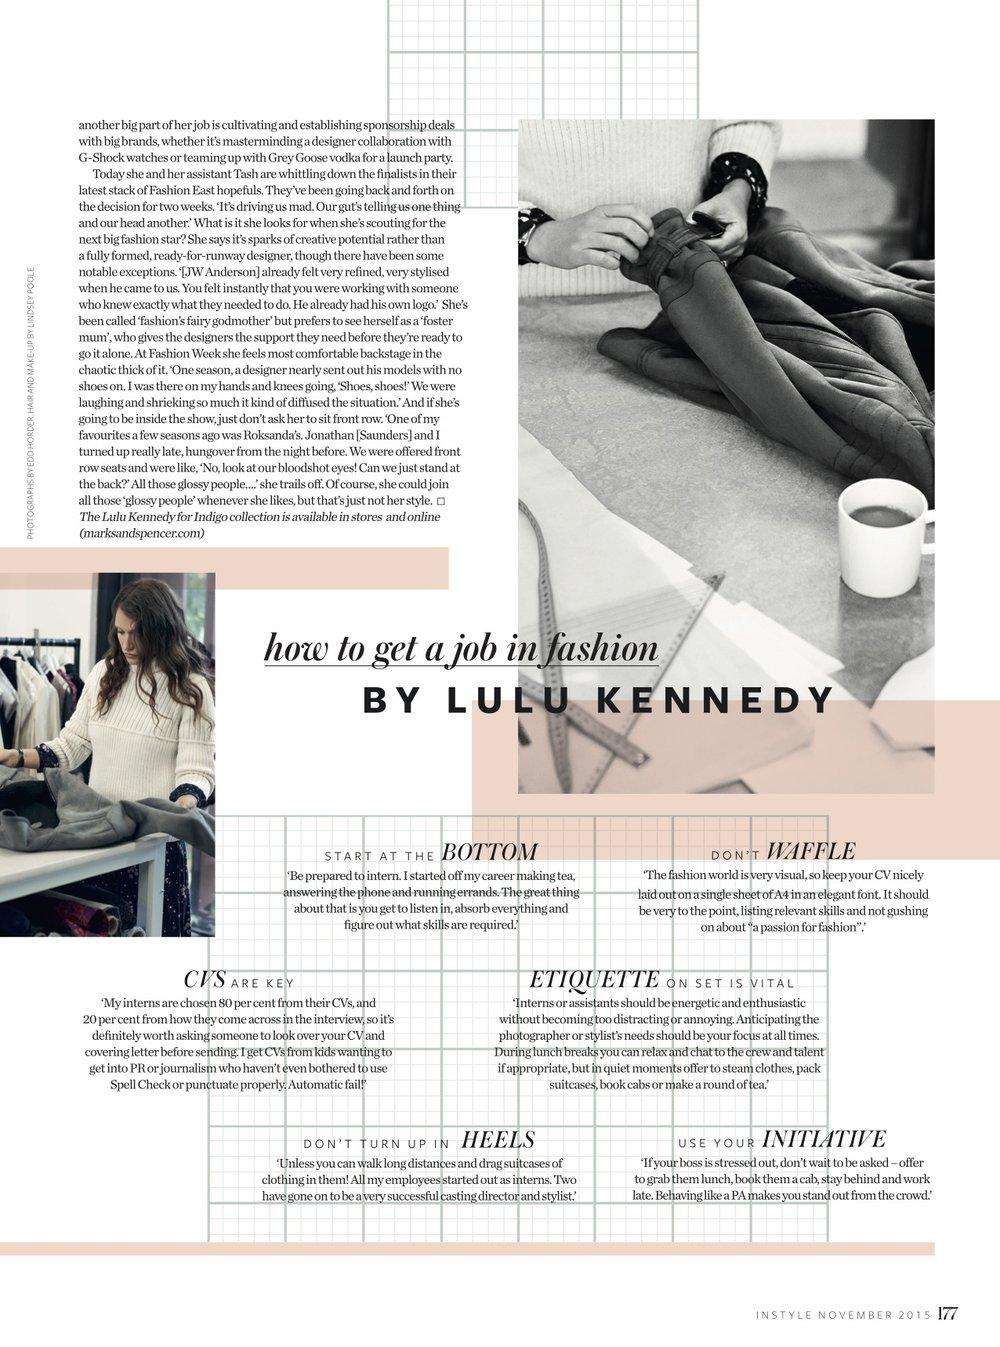 Lulu Kennedy 3 copy.jpg